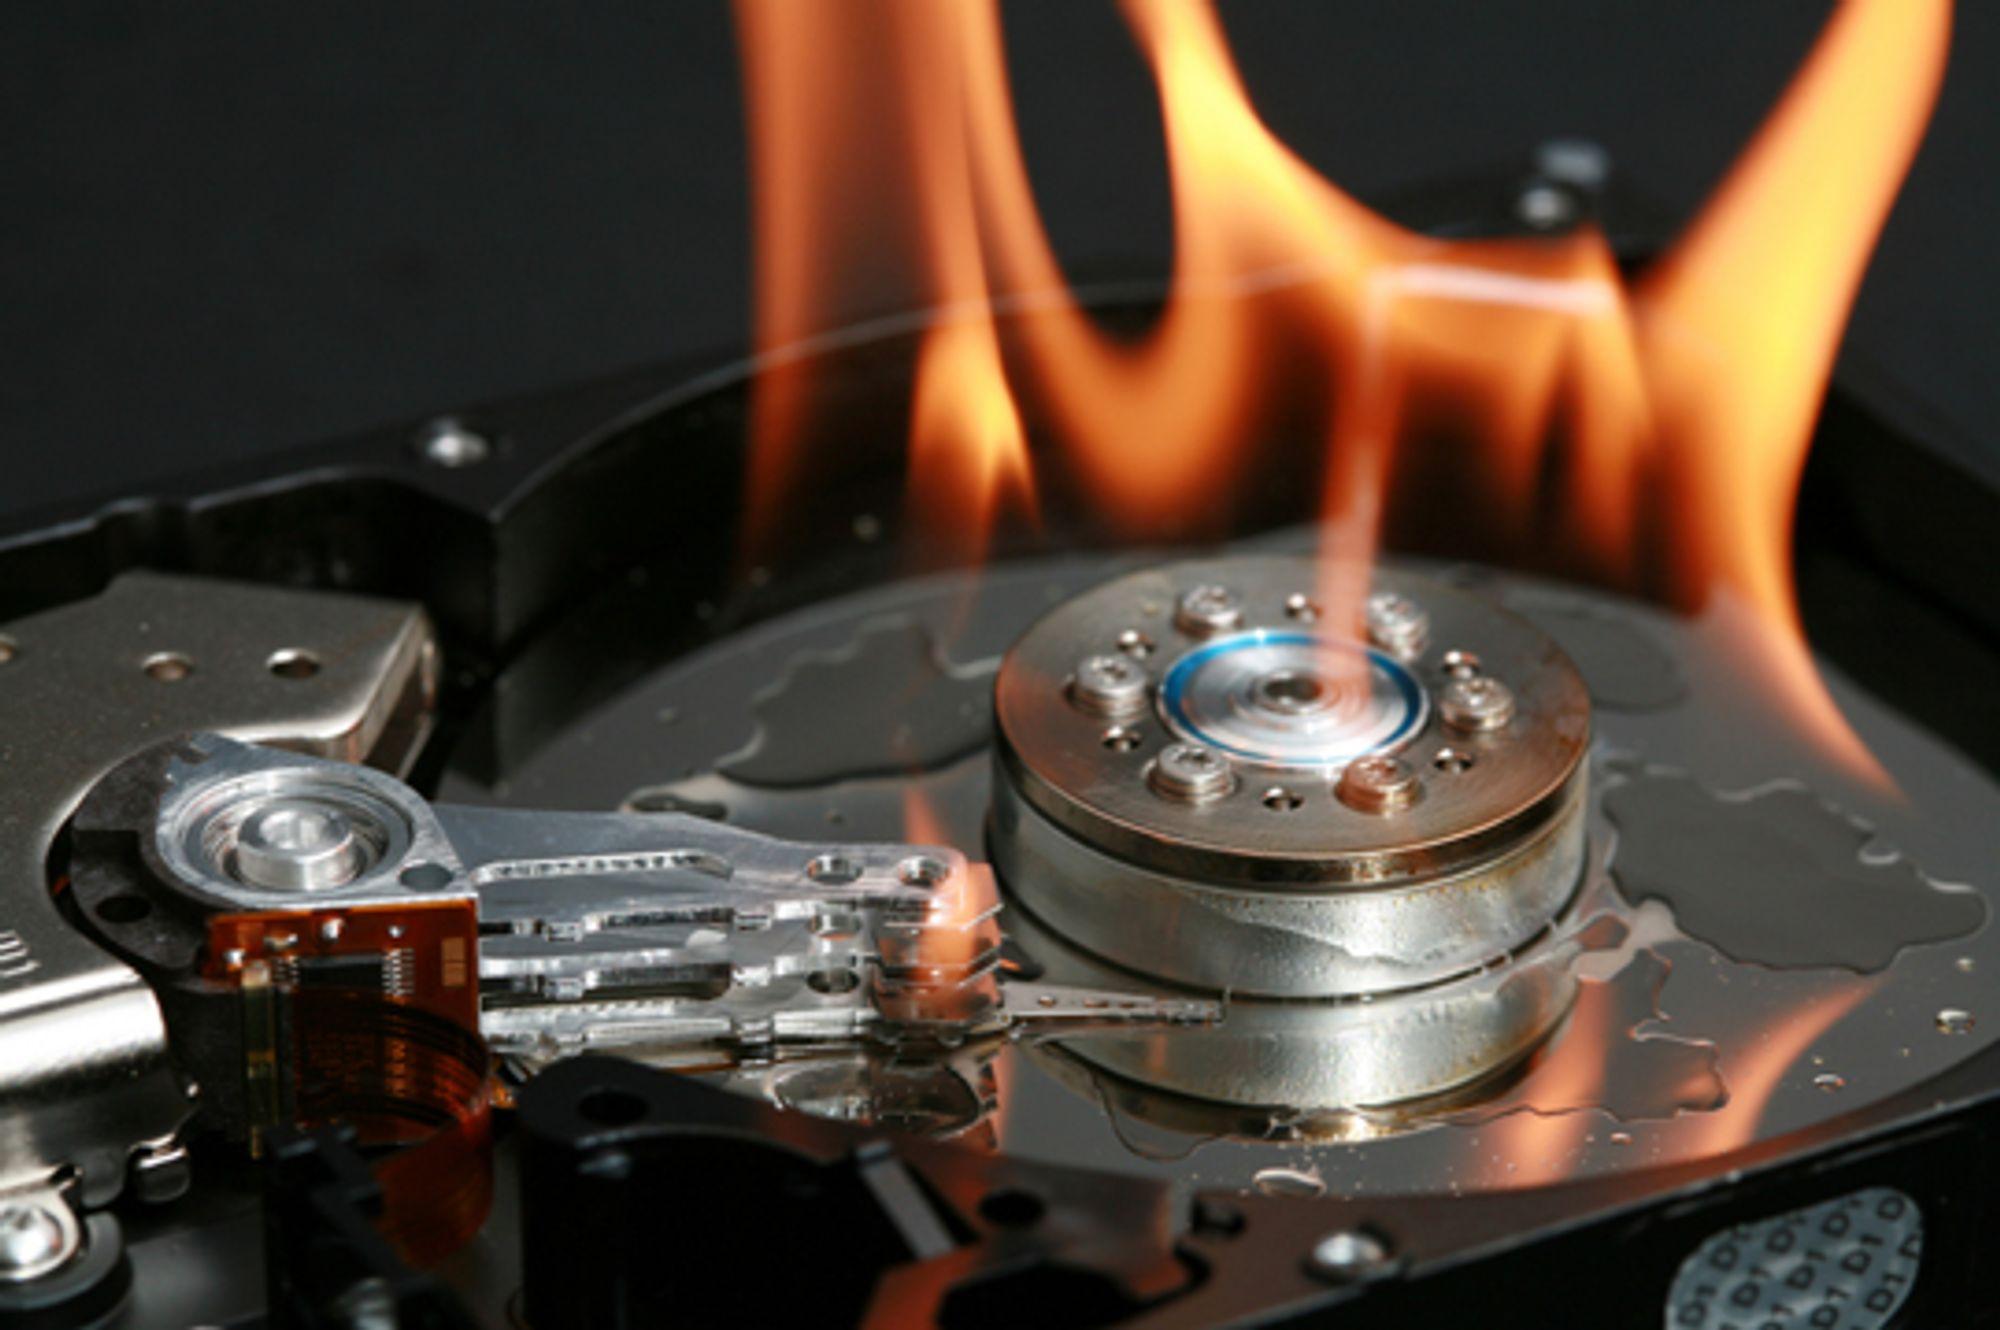 Typisk noe du IKKE ønsker skal skje med harddisken din